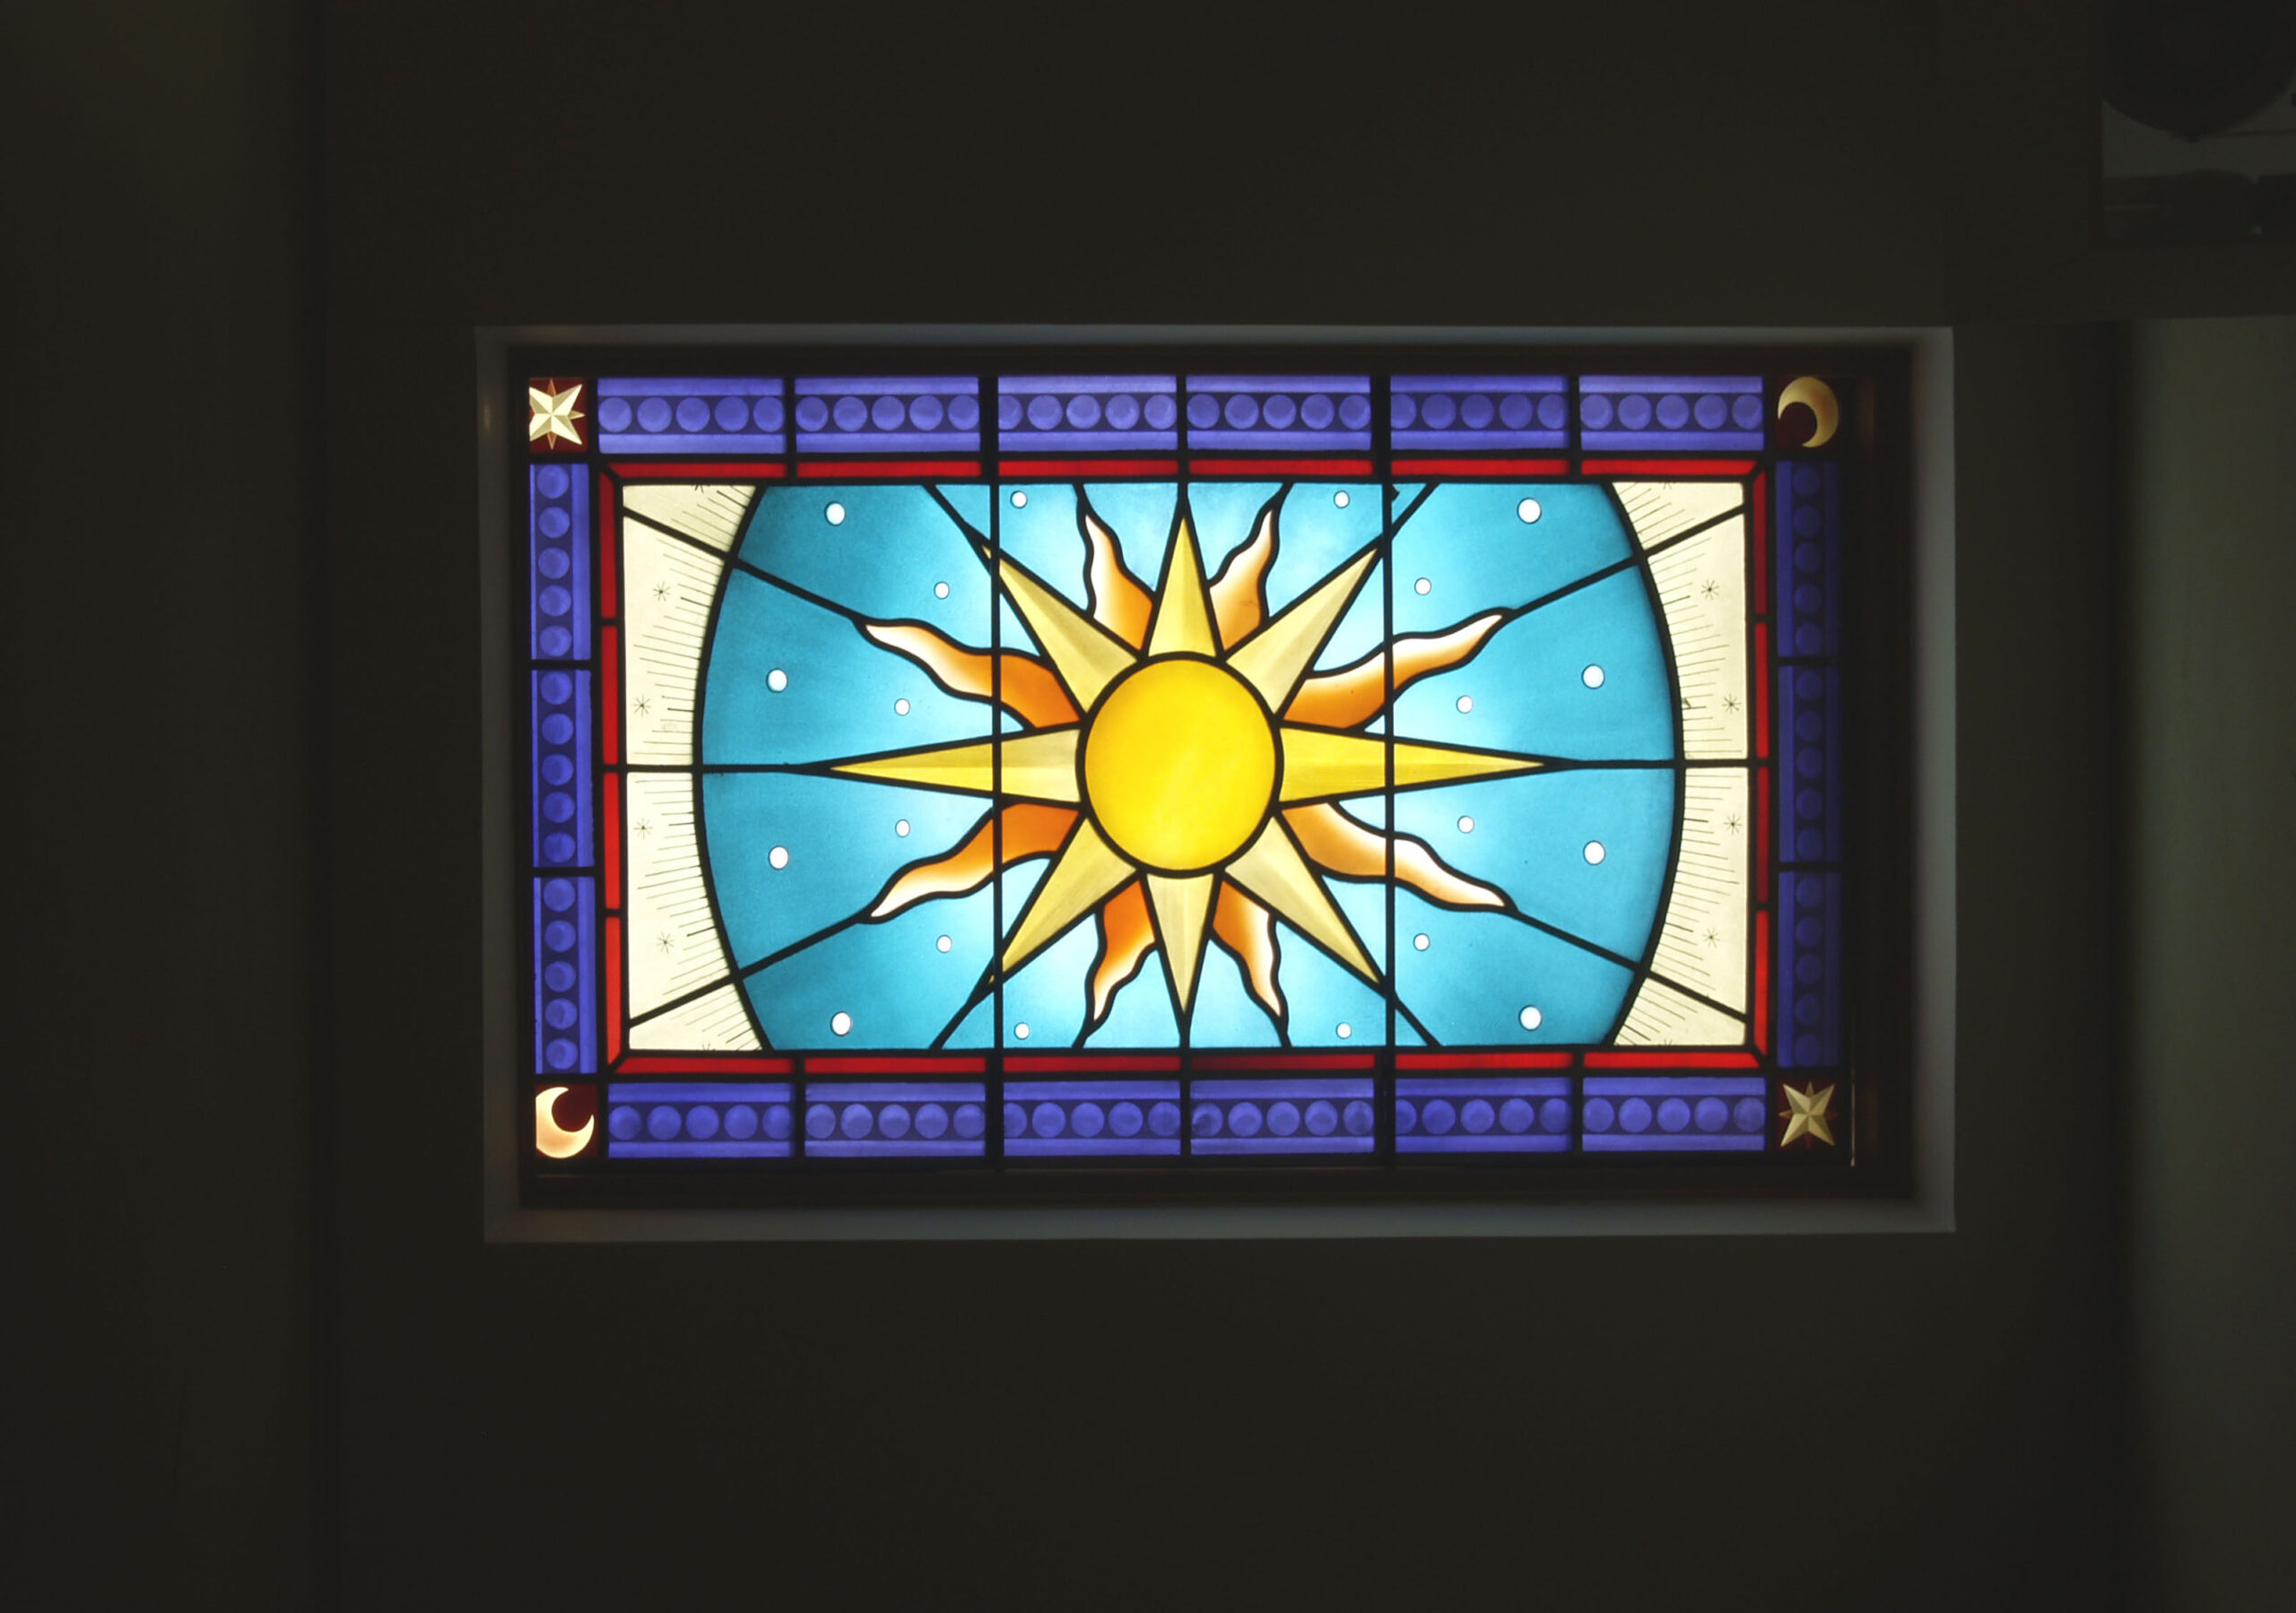 吹抜け天井・・・大宇宙からの陽を貰って